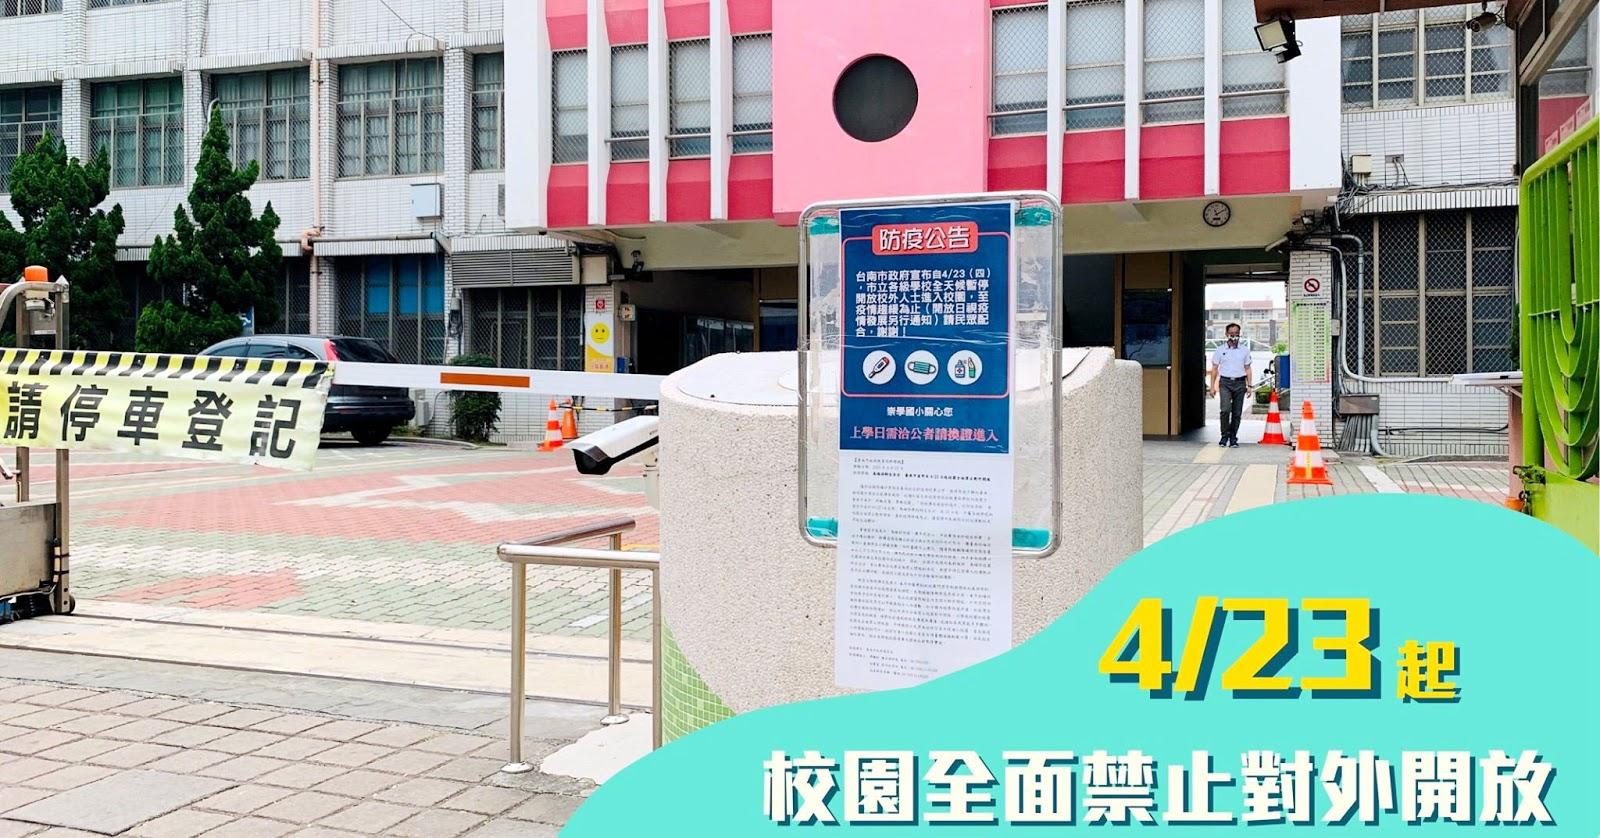 為防止破口確保師生安全|台南4/23起校園全面禁止對外開放|無圍牆校園緊急拉封鎖線